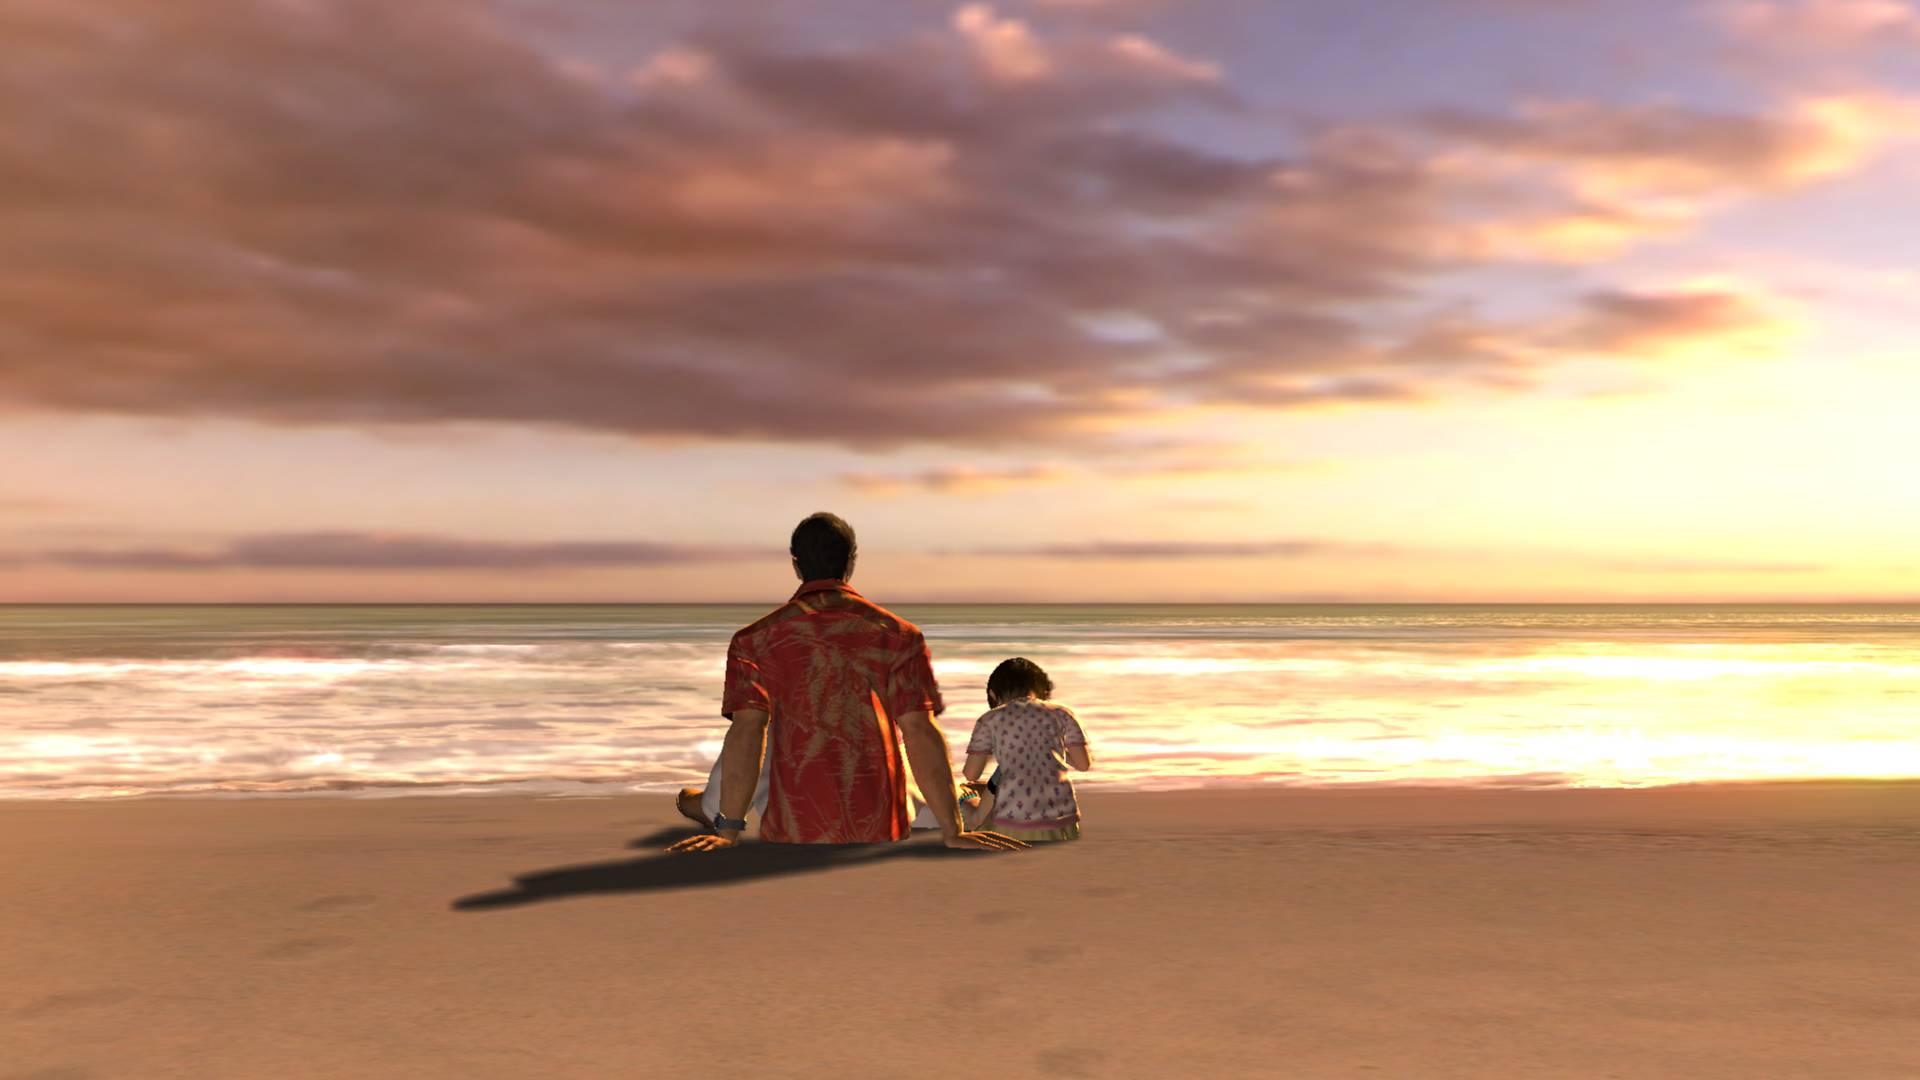 Yakuza_3-PS3Screenshots19817Kazuma_Orphan_on_Beach_01